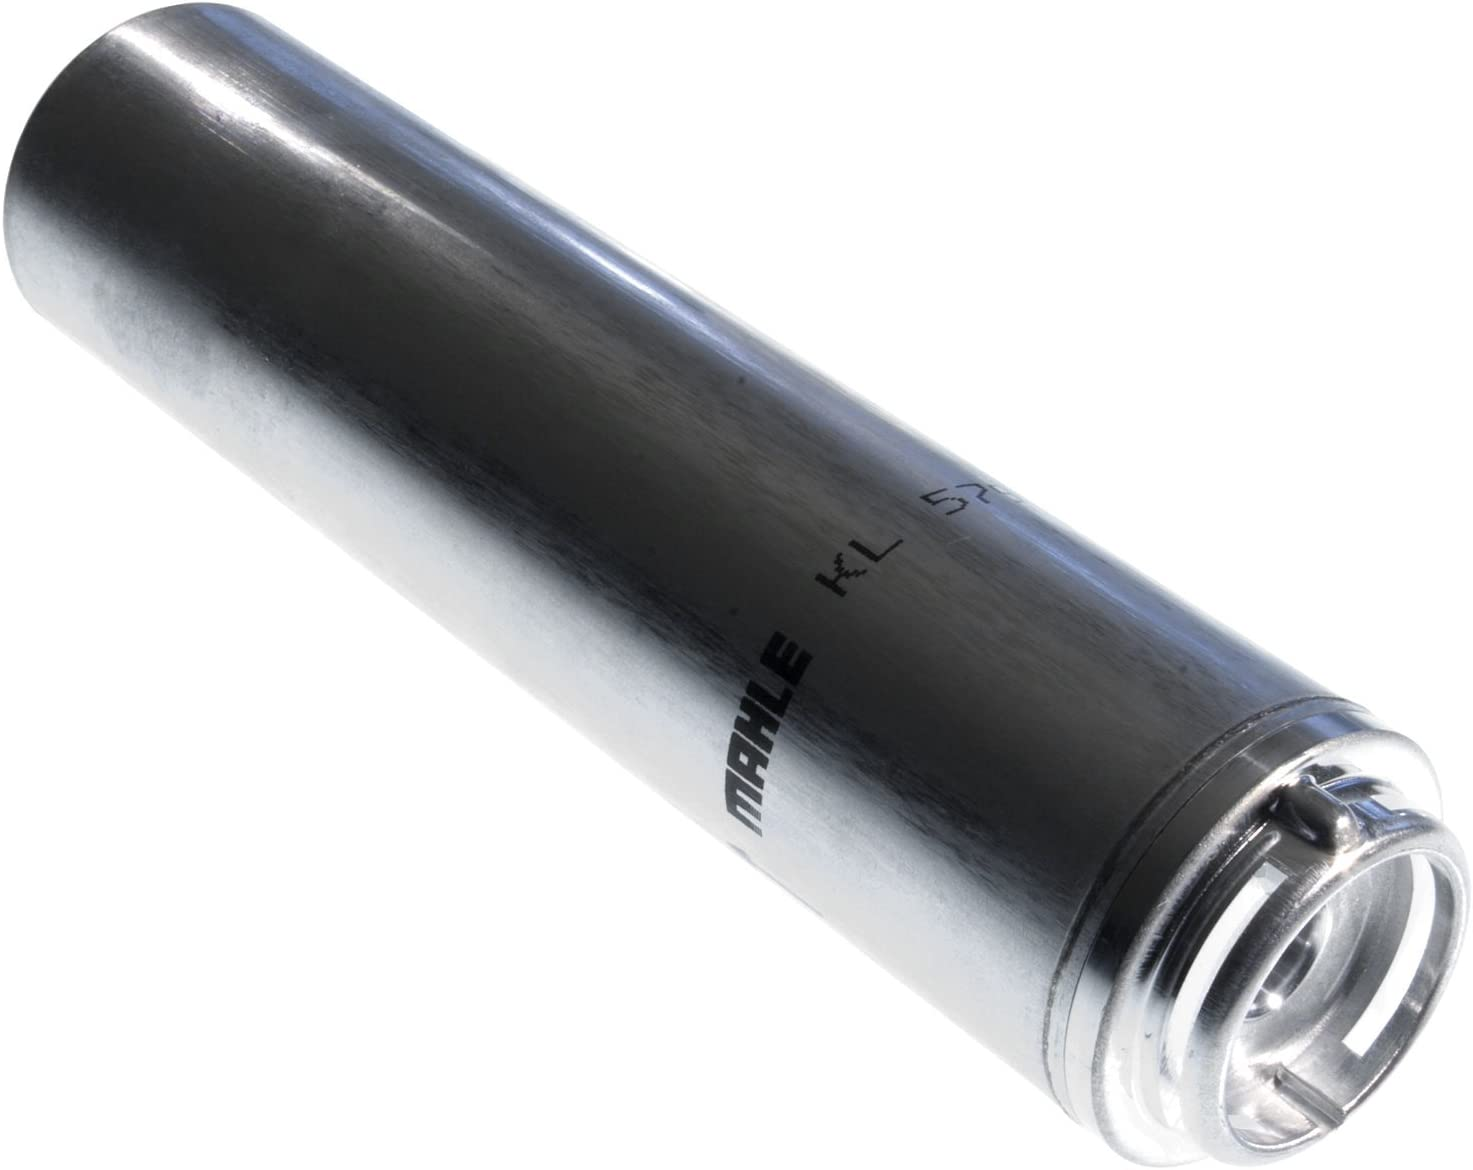 MAHLE Original KL 579D Fuel Filter